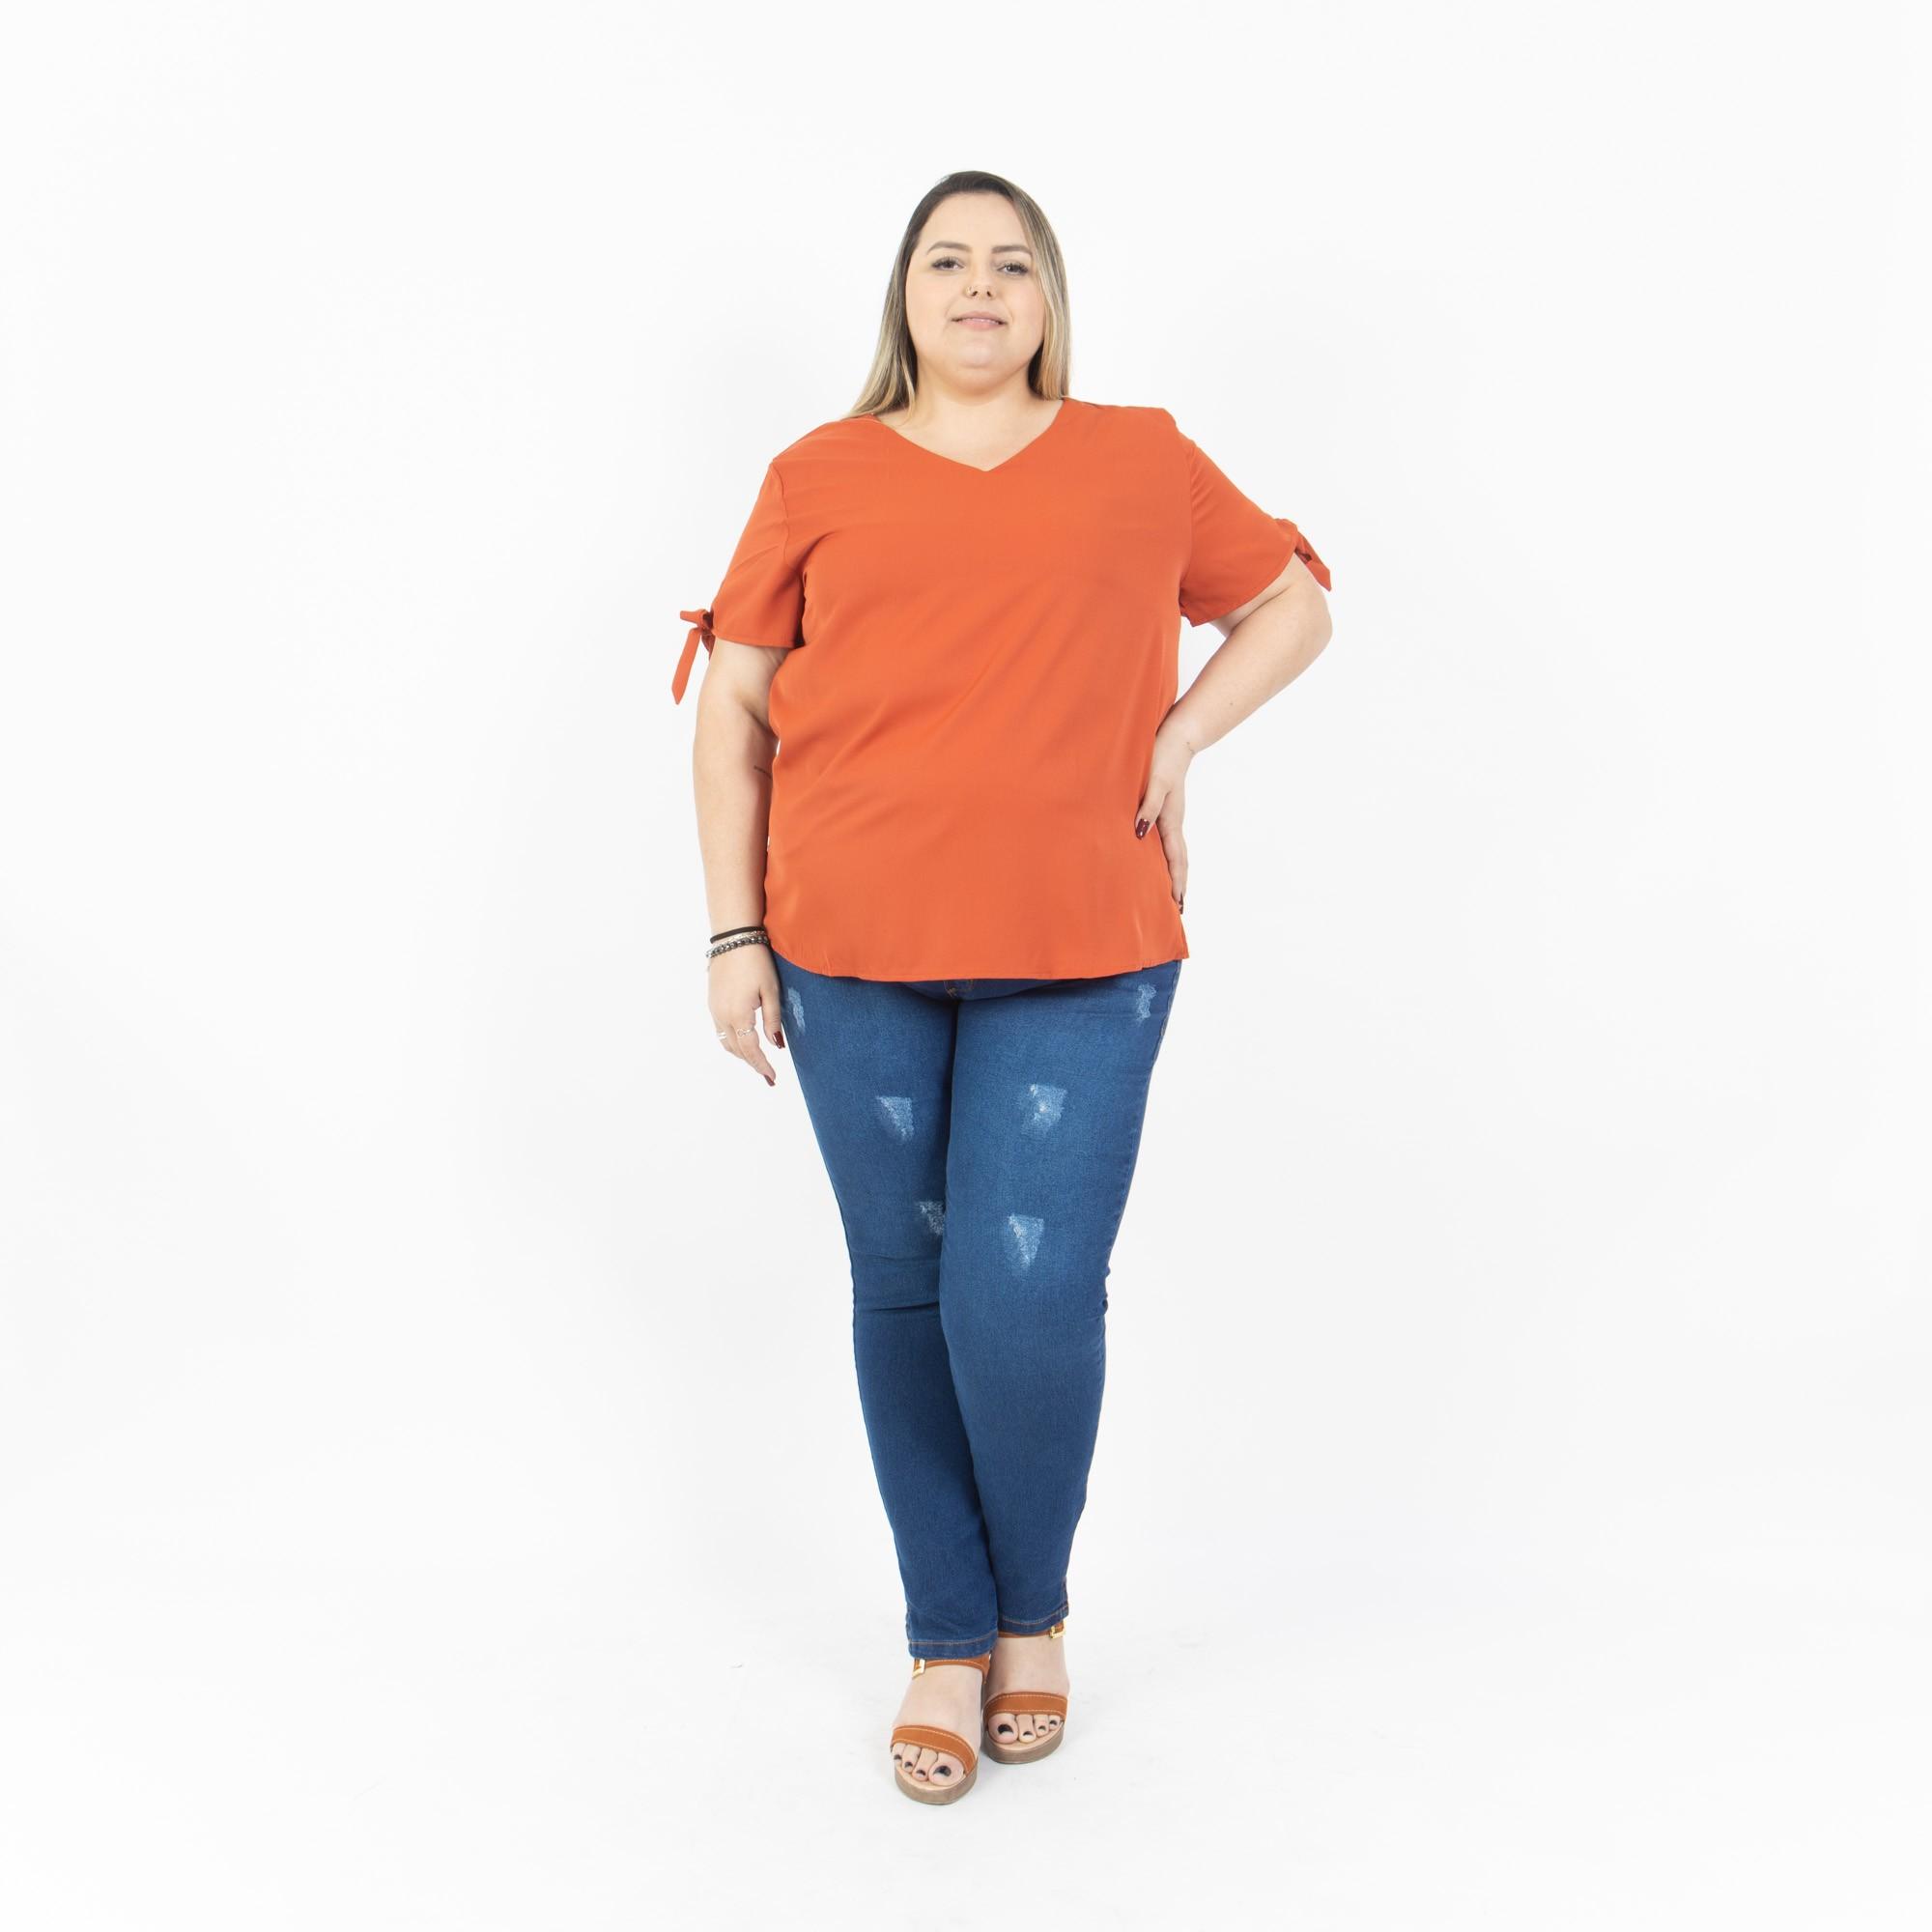 Calça Jeans Plus Size Cintura Alta - Potencial Jeans